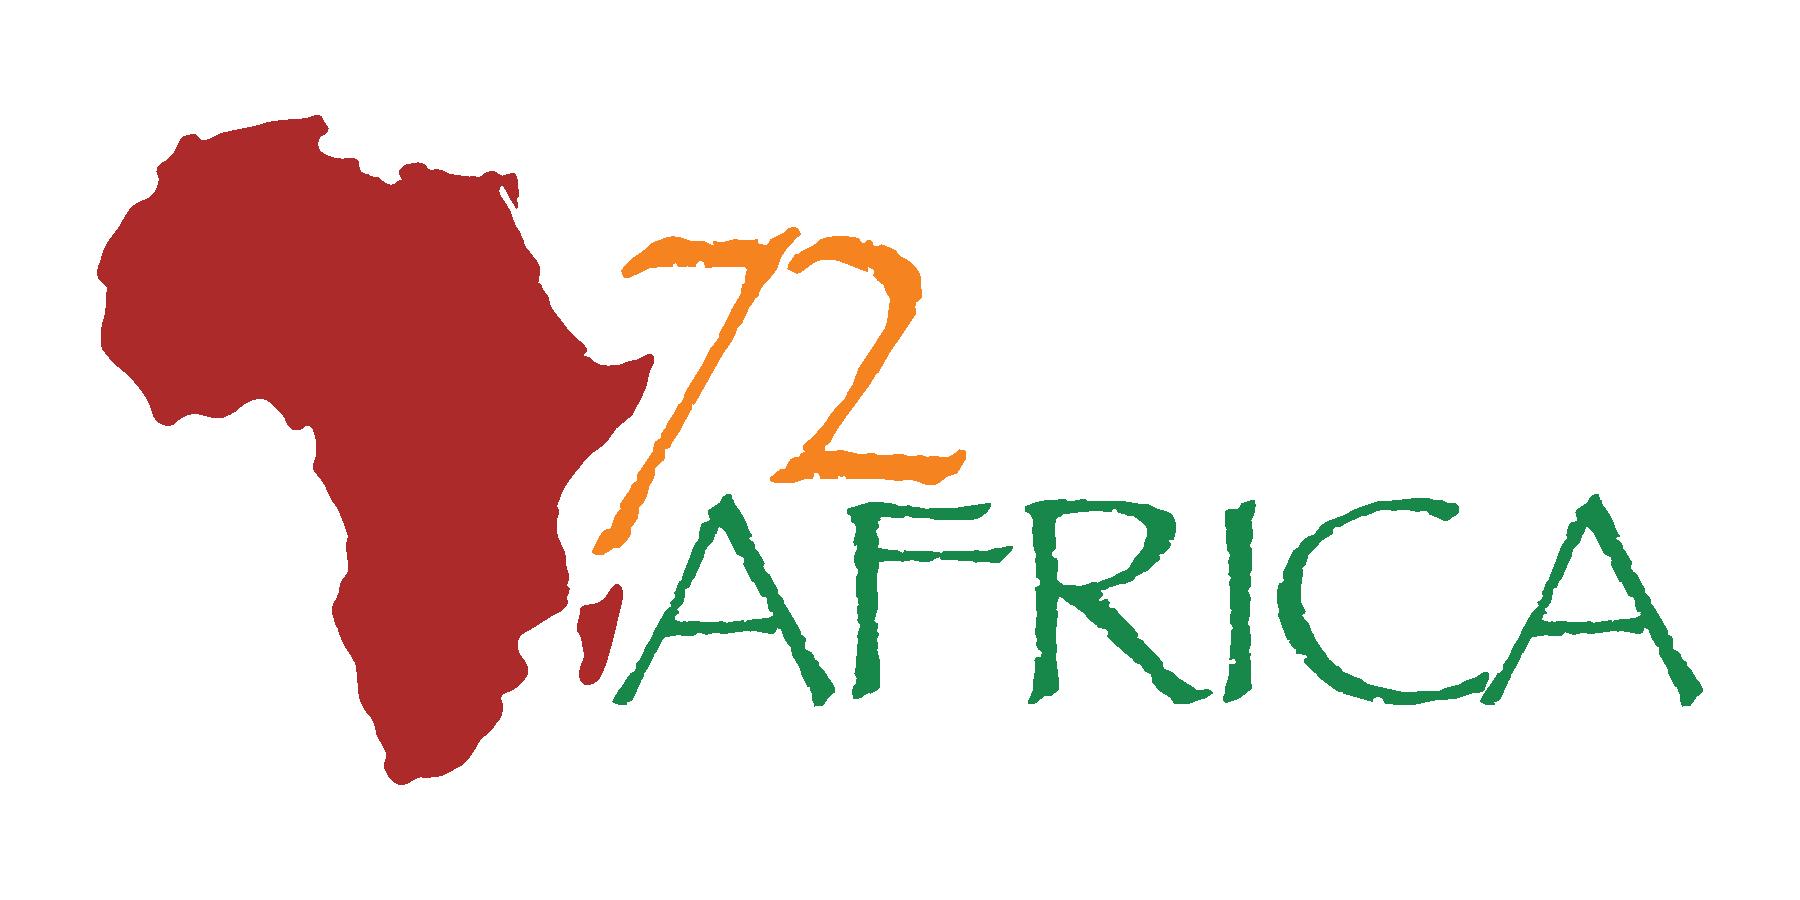 72Africa